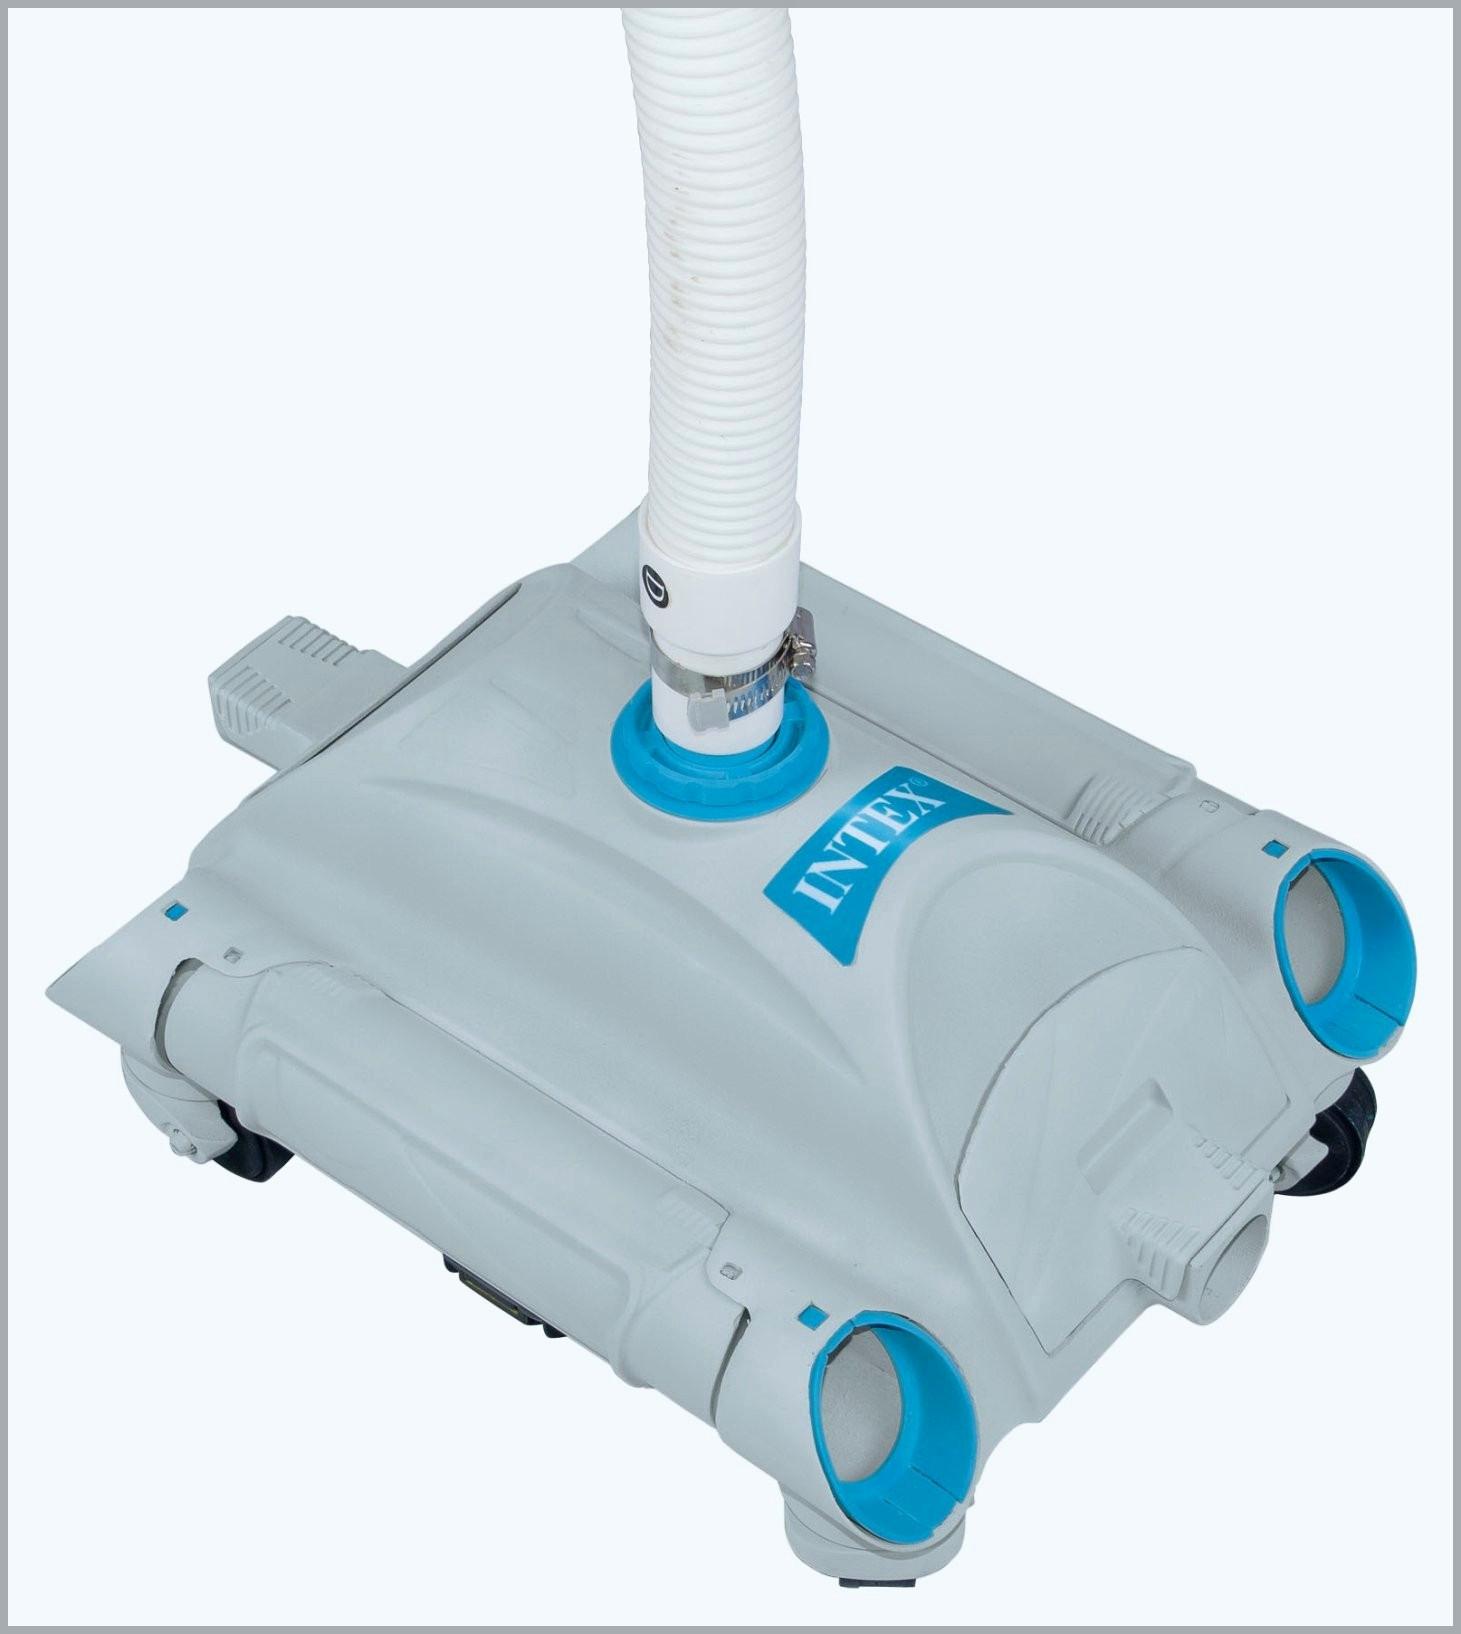 Beau Robot Laveur De Sol Professionnel - Luckytroll encequiconcerne Nettoyage Piscine Hors Sol